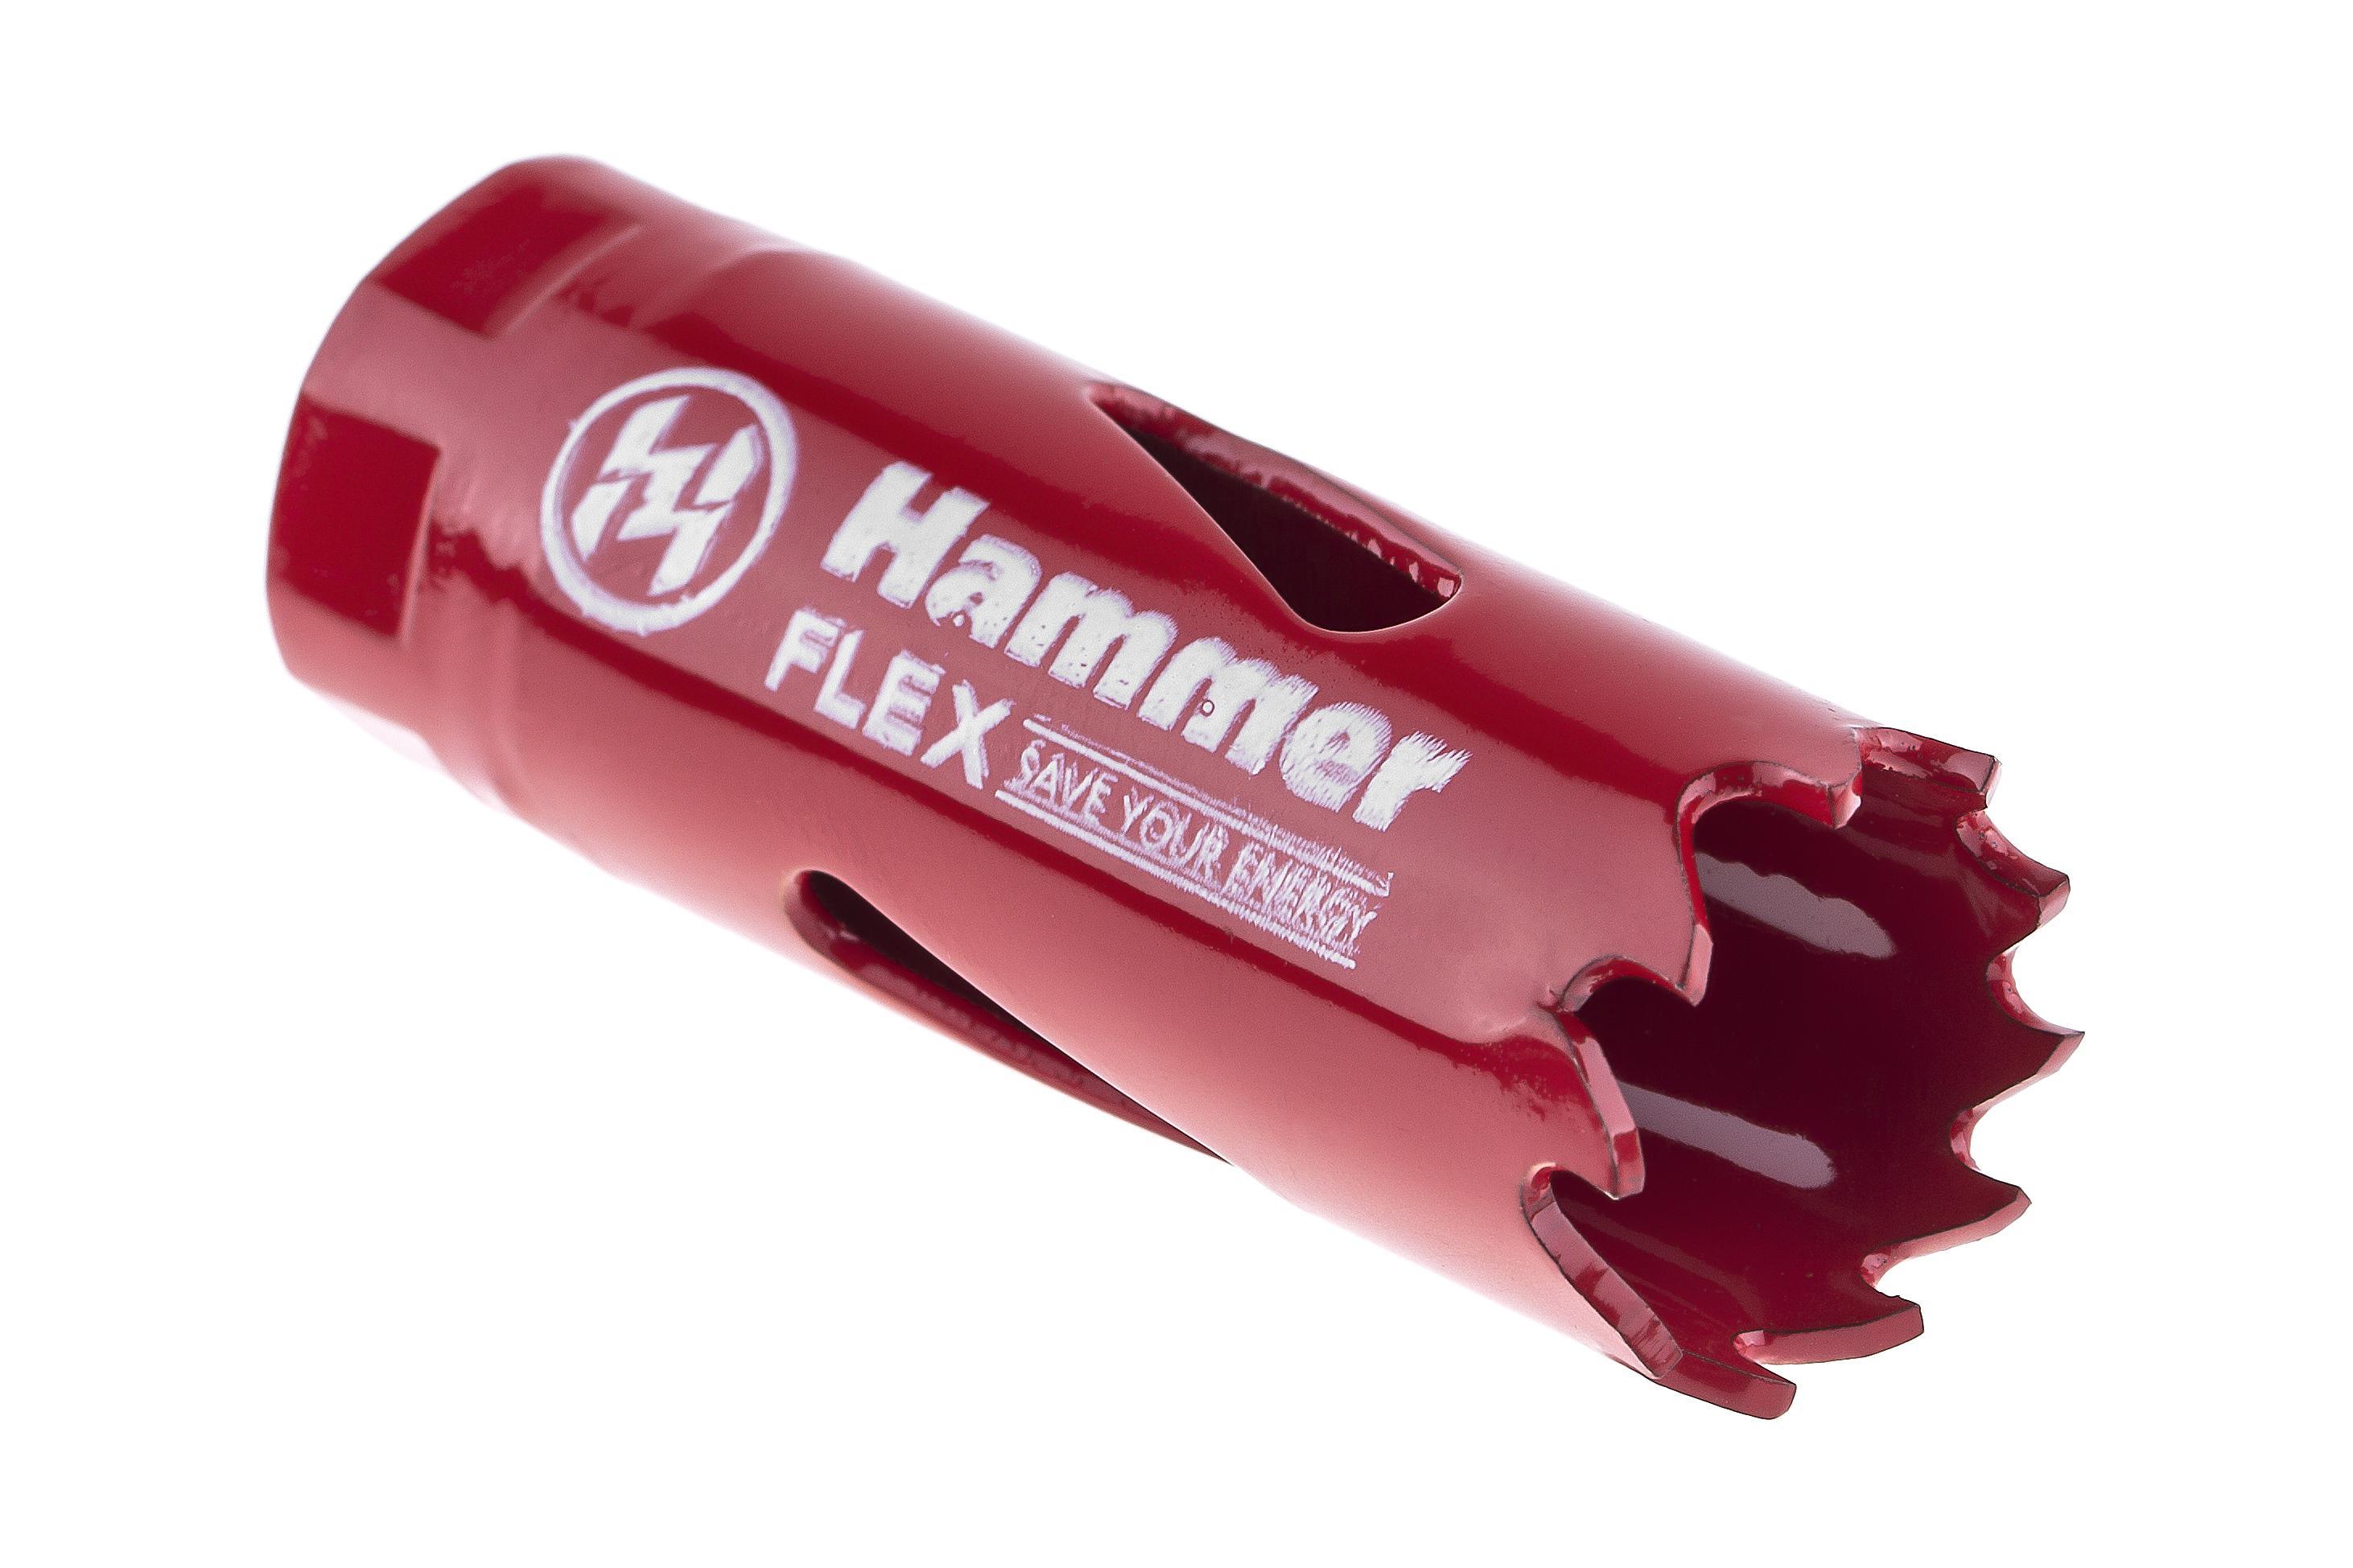 Коронка биметаллическая Hammer 224-001 bimetall 19 мм коронка биметаллическая hammer 224 011 bimetall 57 мм